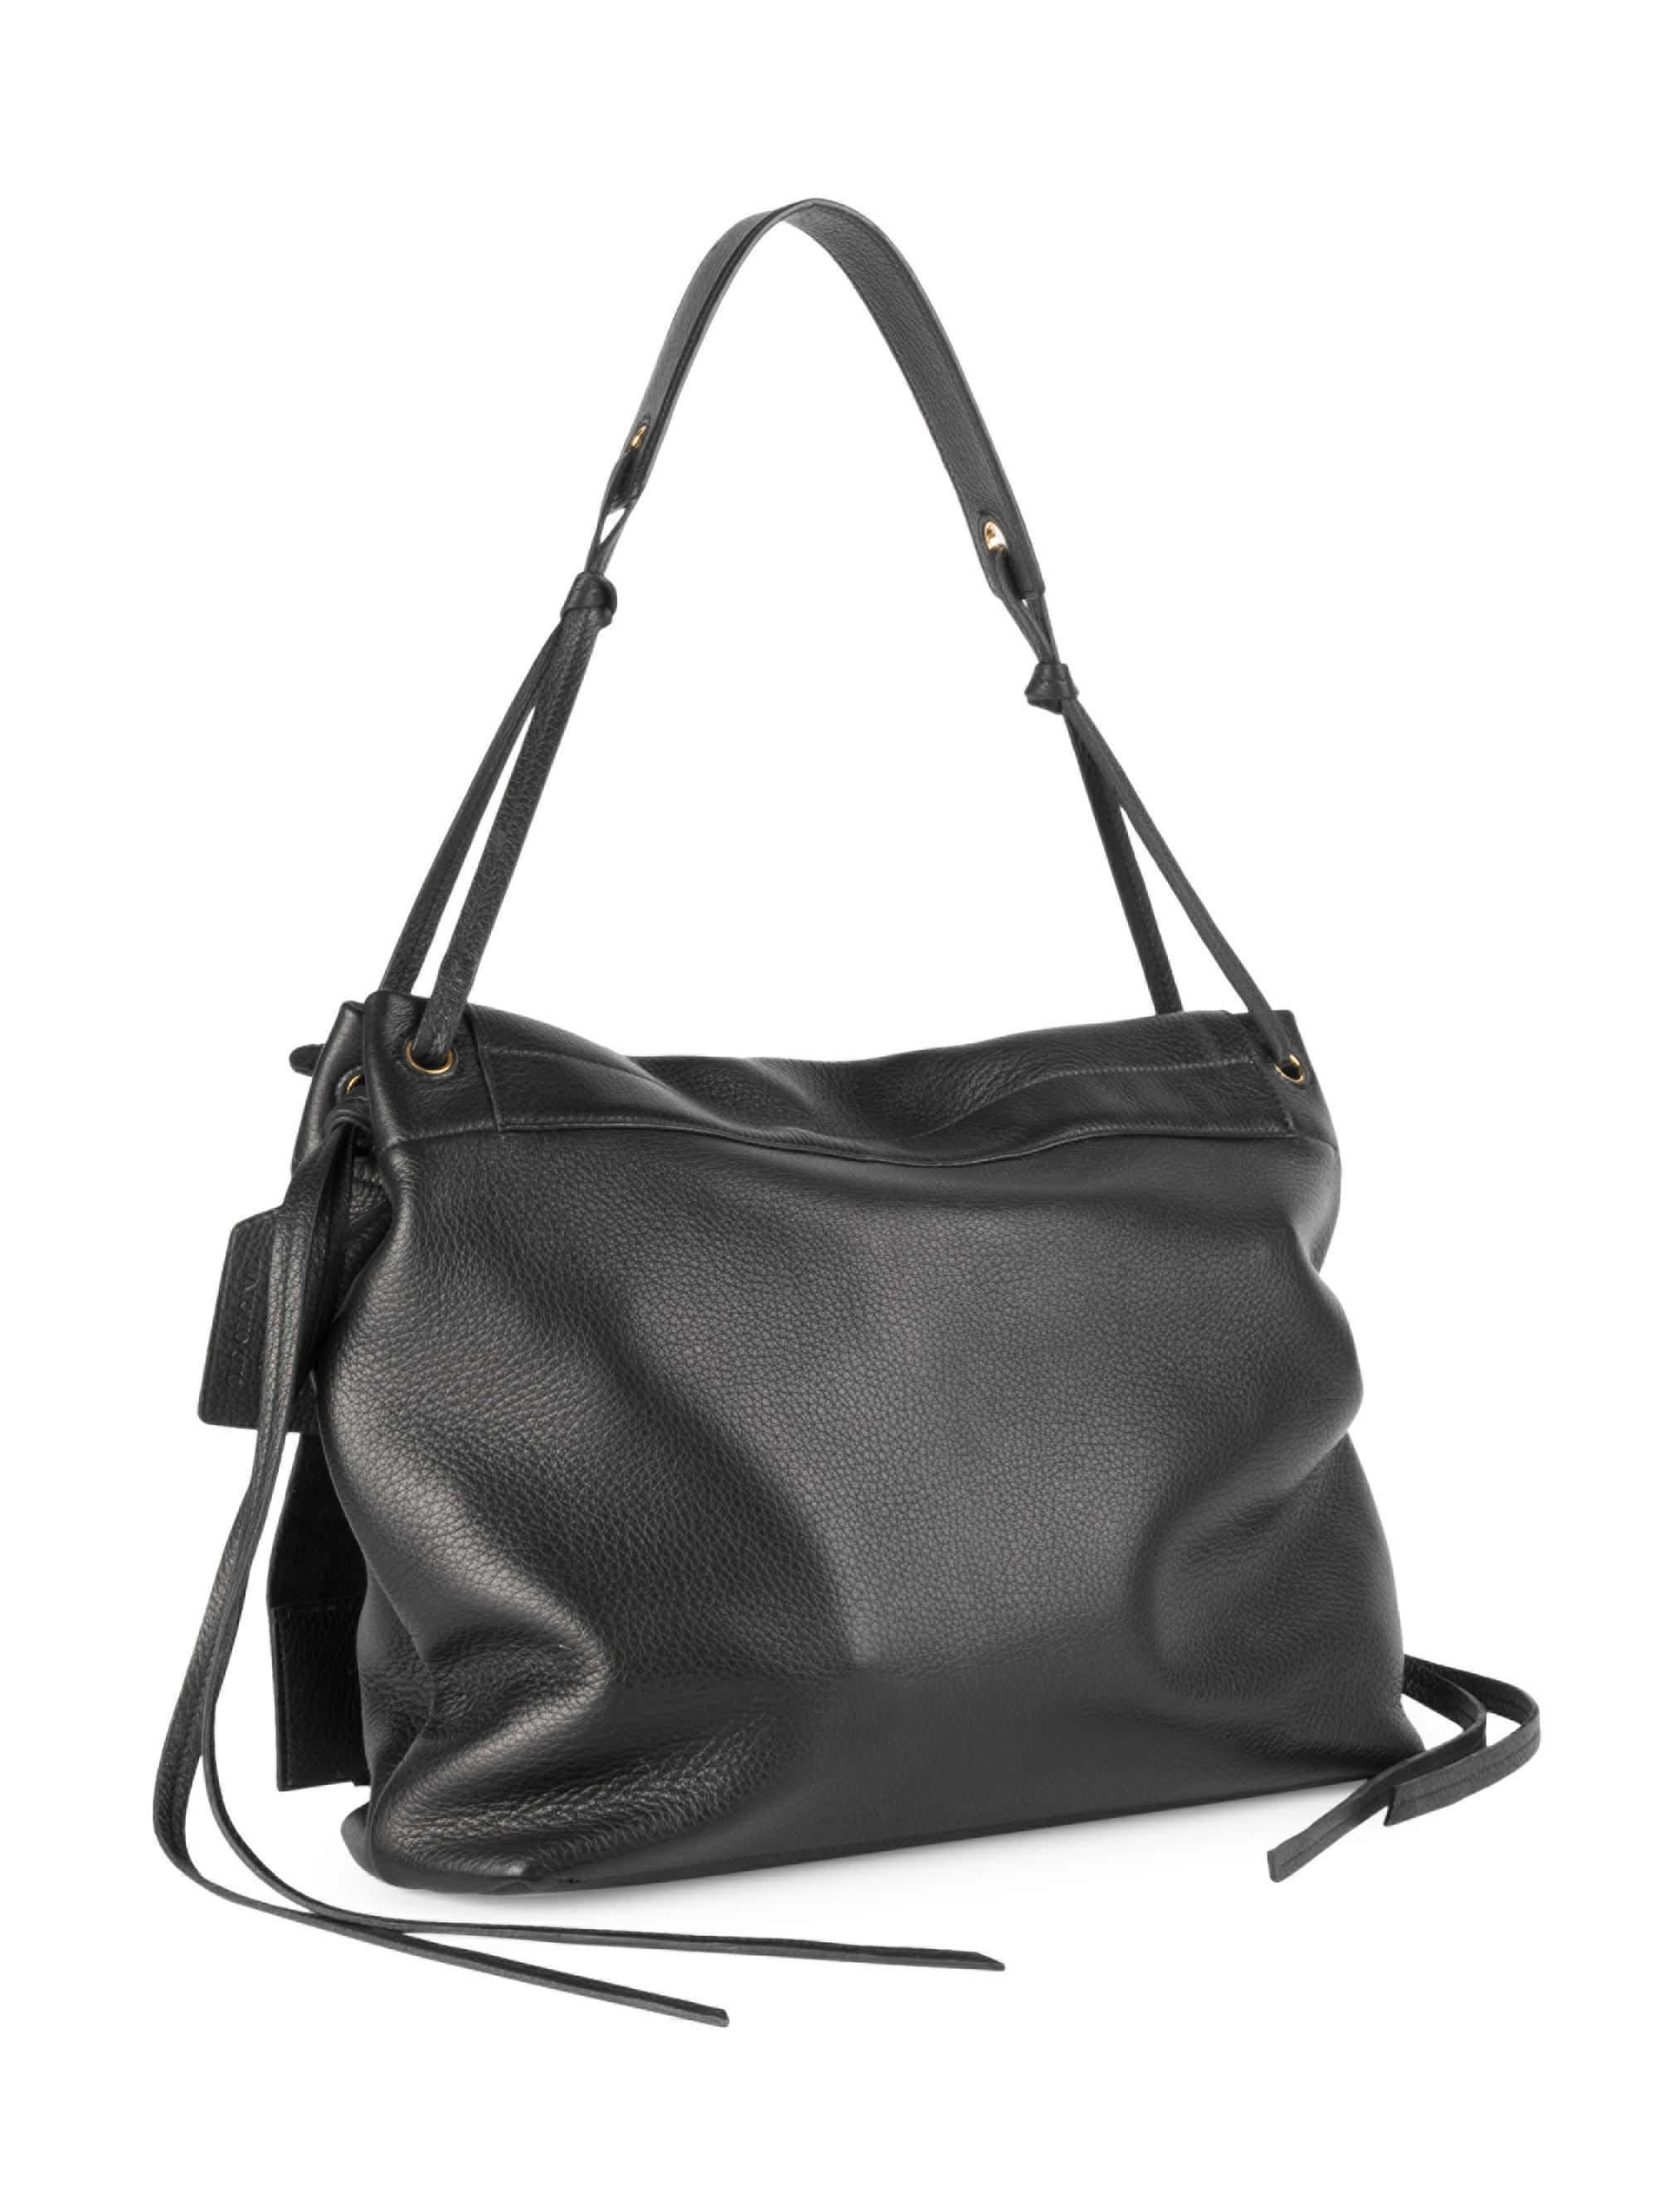 89d5af196248 Prada Cervo Leather Shoulder Bag in Black - Lyst